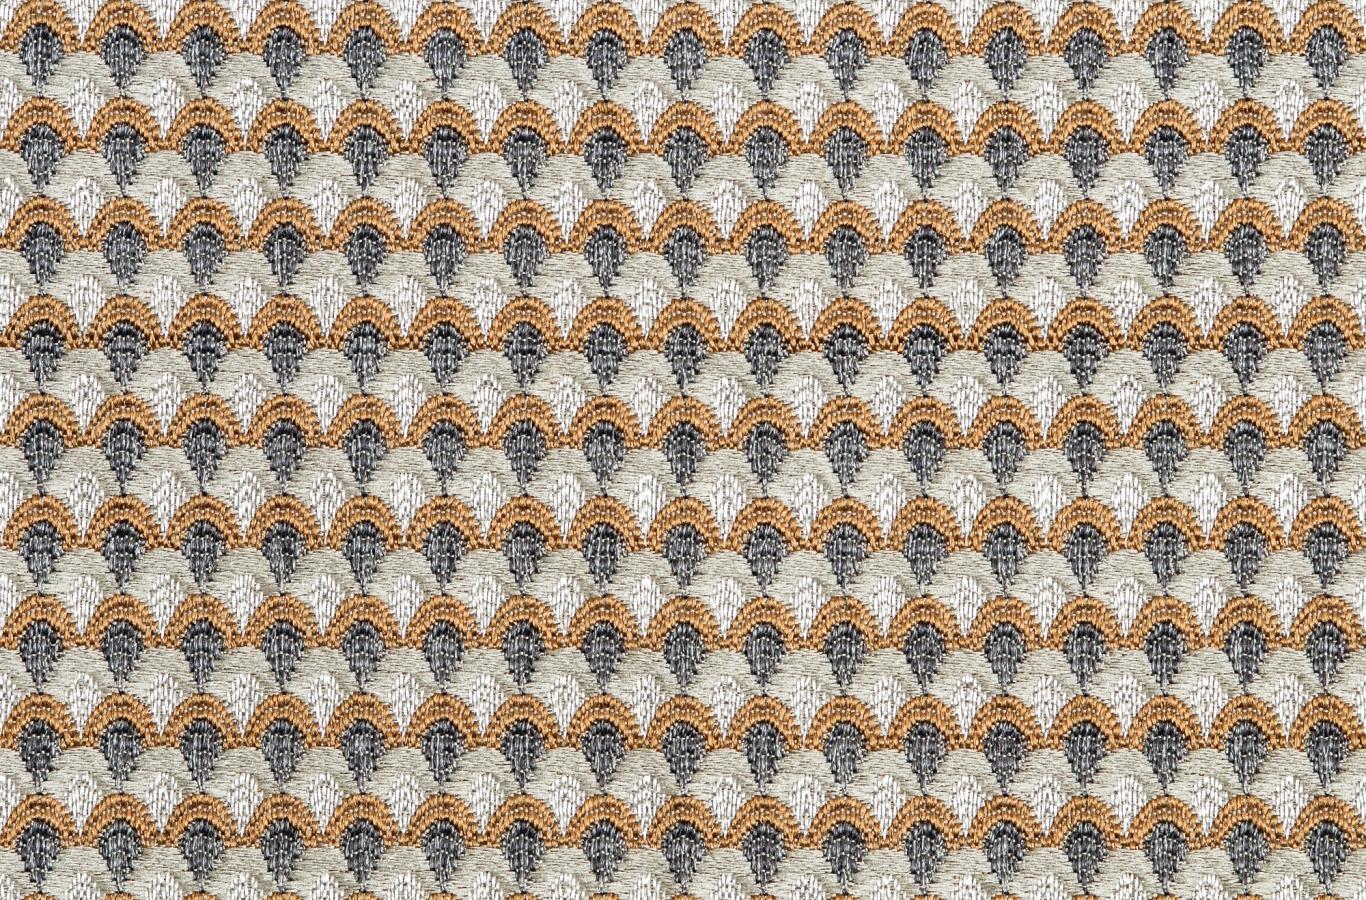 Мебельная ткань Adel Mozaik 66 жаккард для мебели из массива дерева